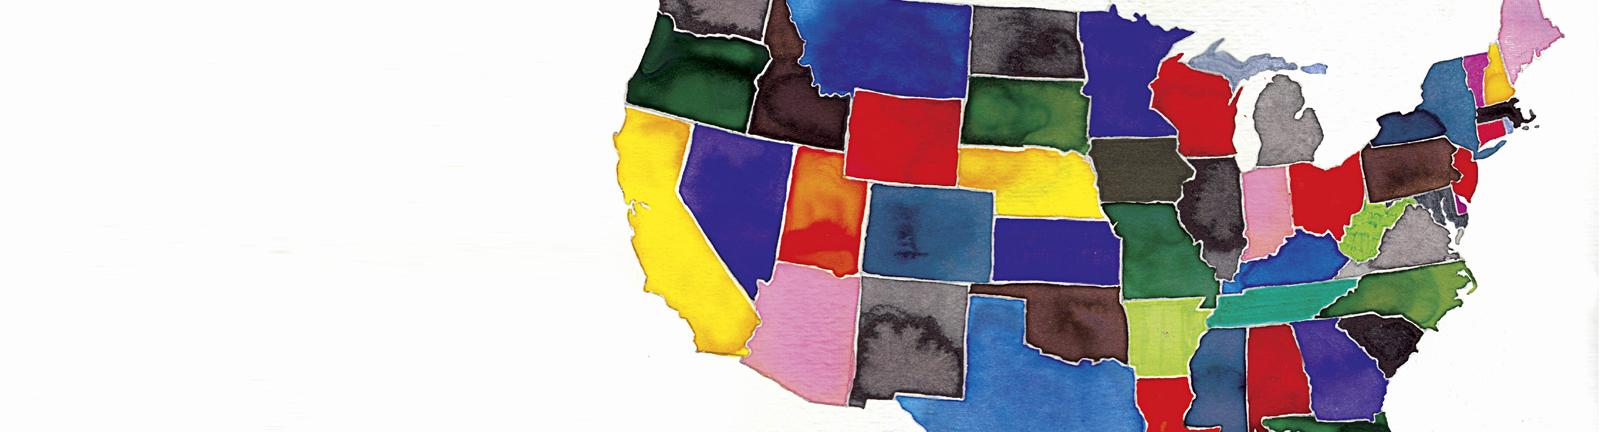 Landkarte der USA.